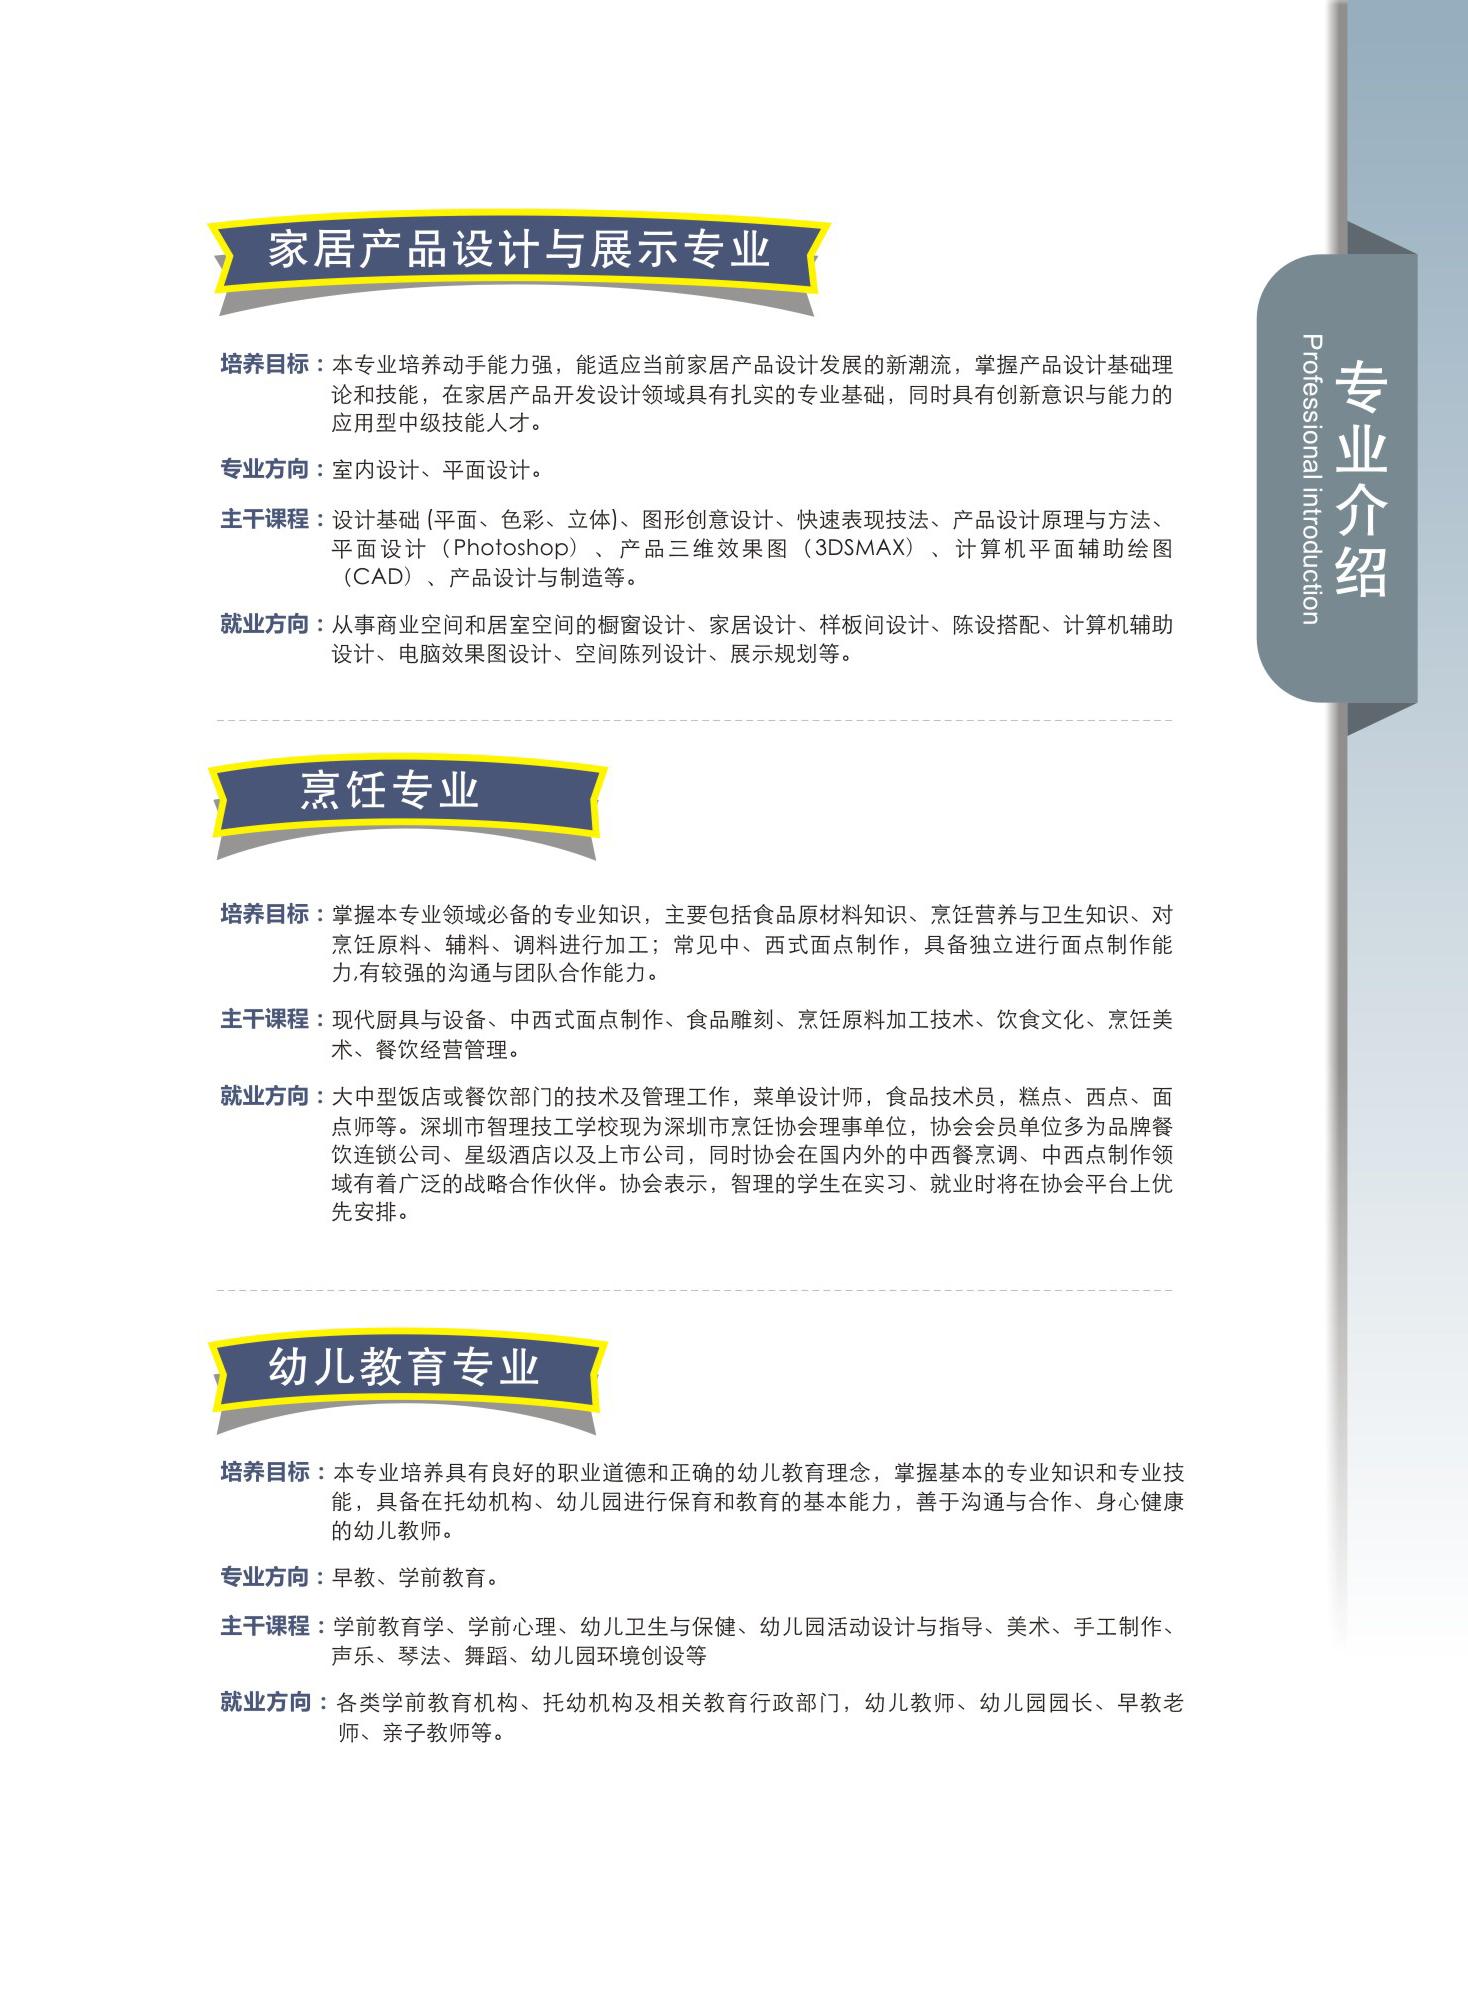 深圳市智理技工学校2019年招生简章专业介绍